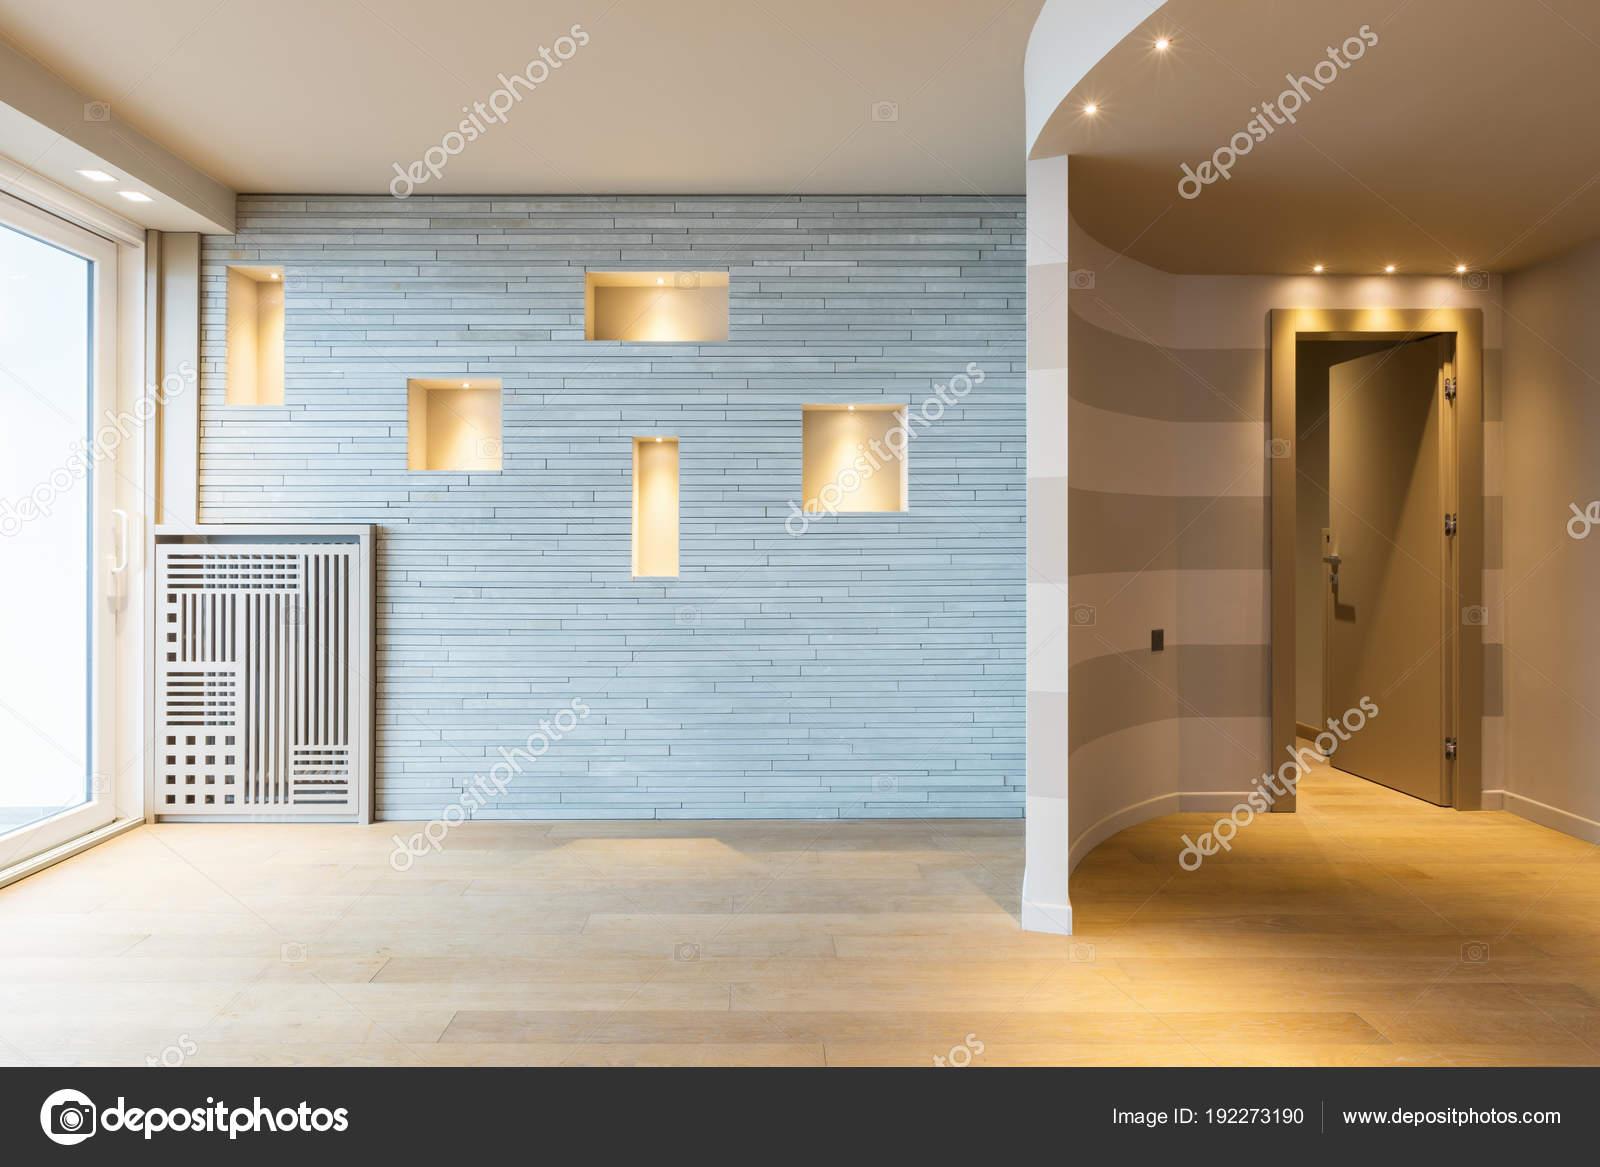 Moderne Wohnungseingang mit grauen Streifen an der Wand — Stockfoto ...